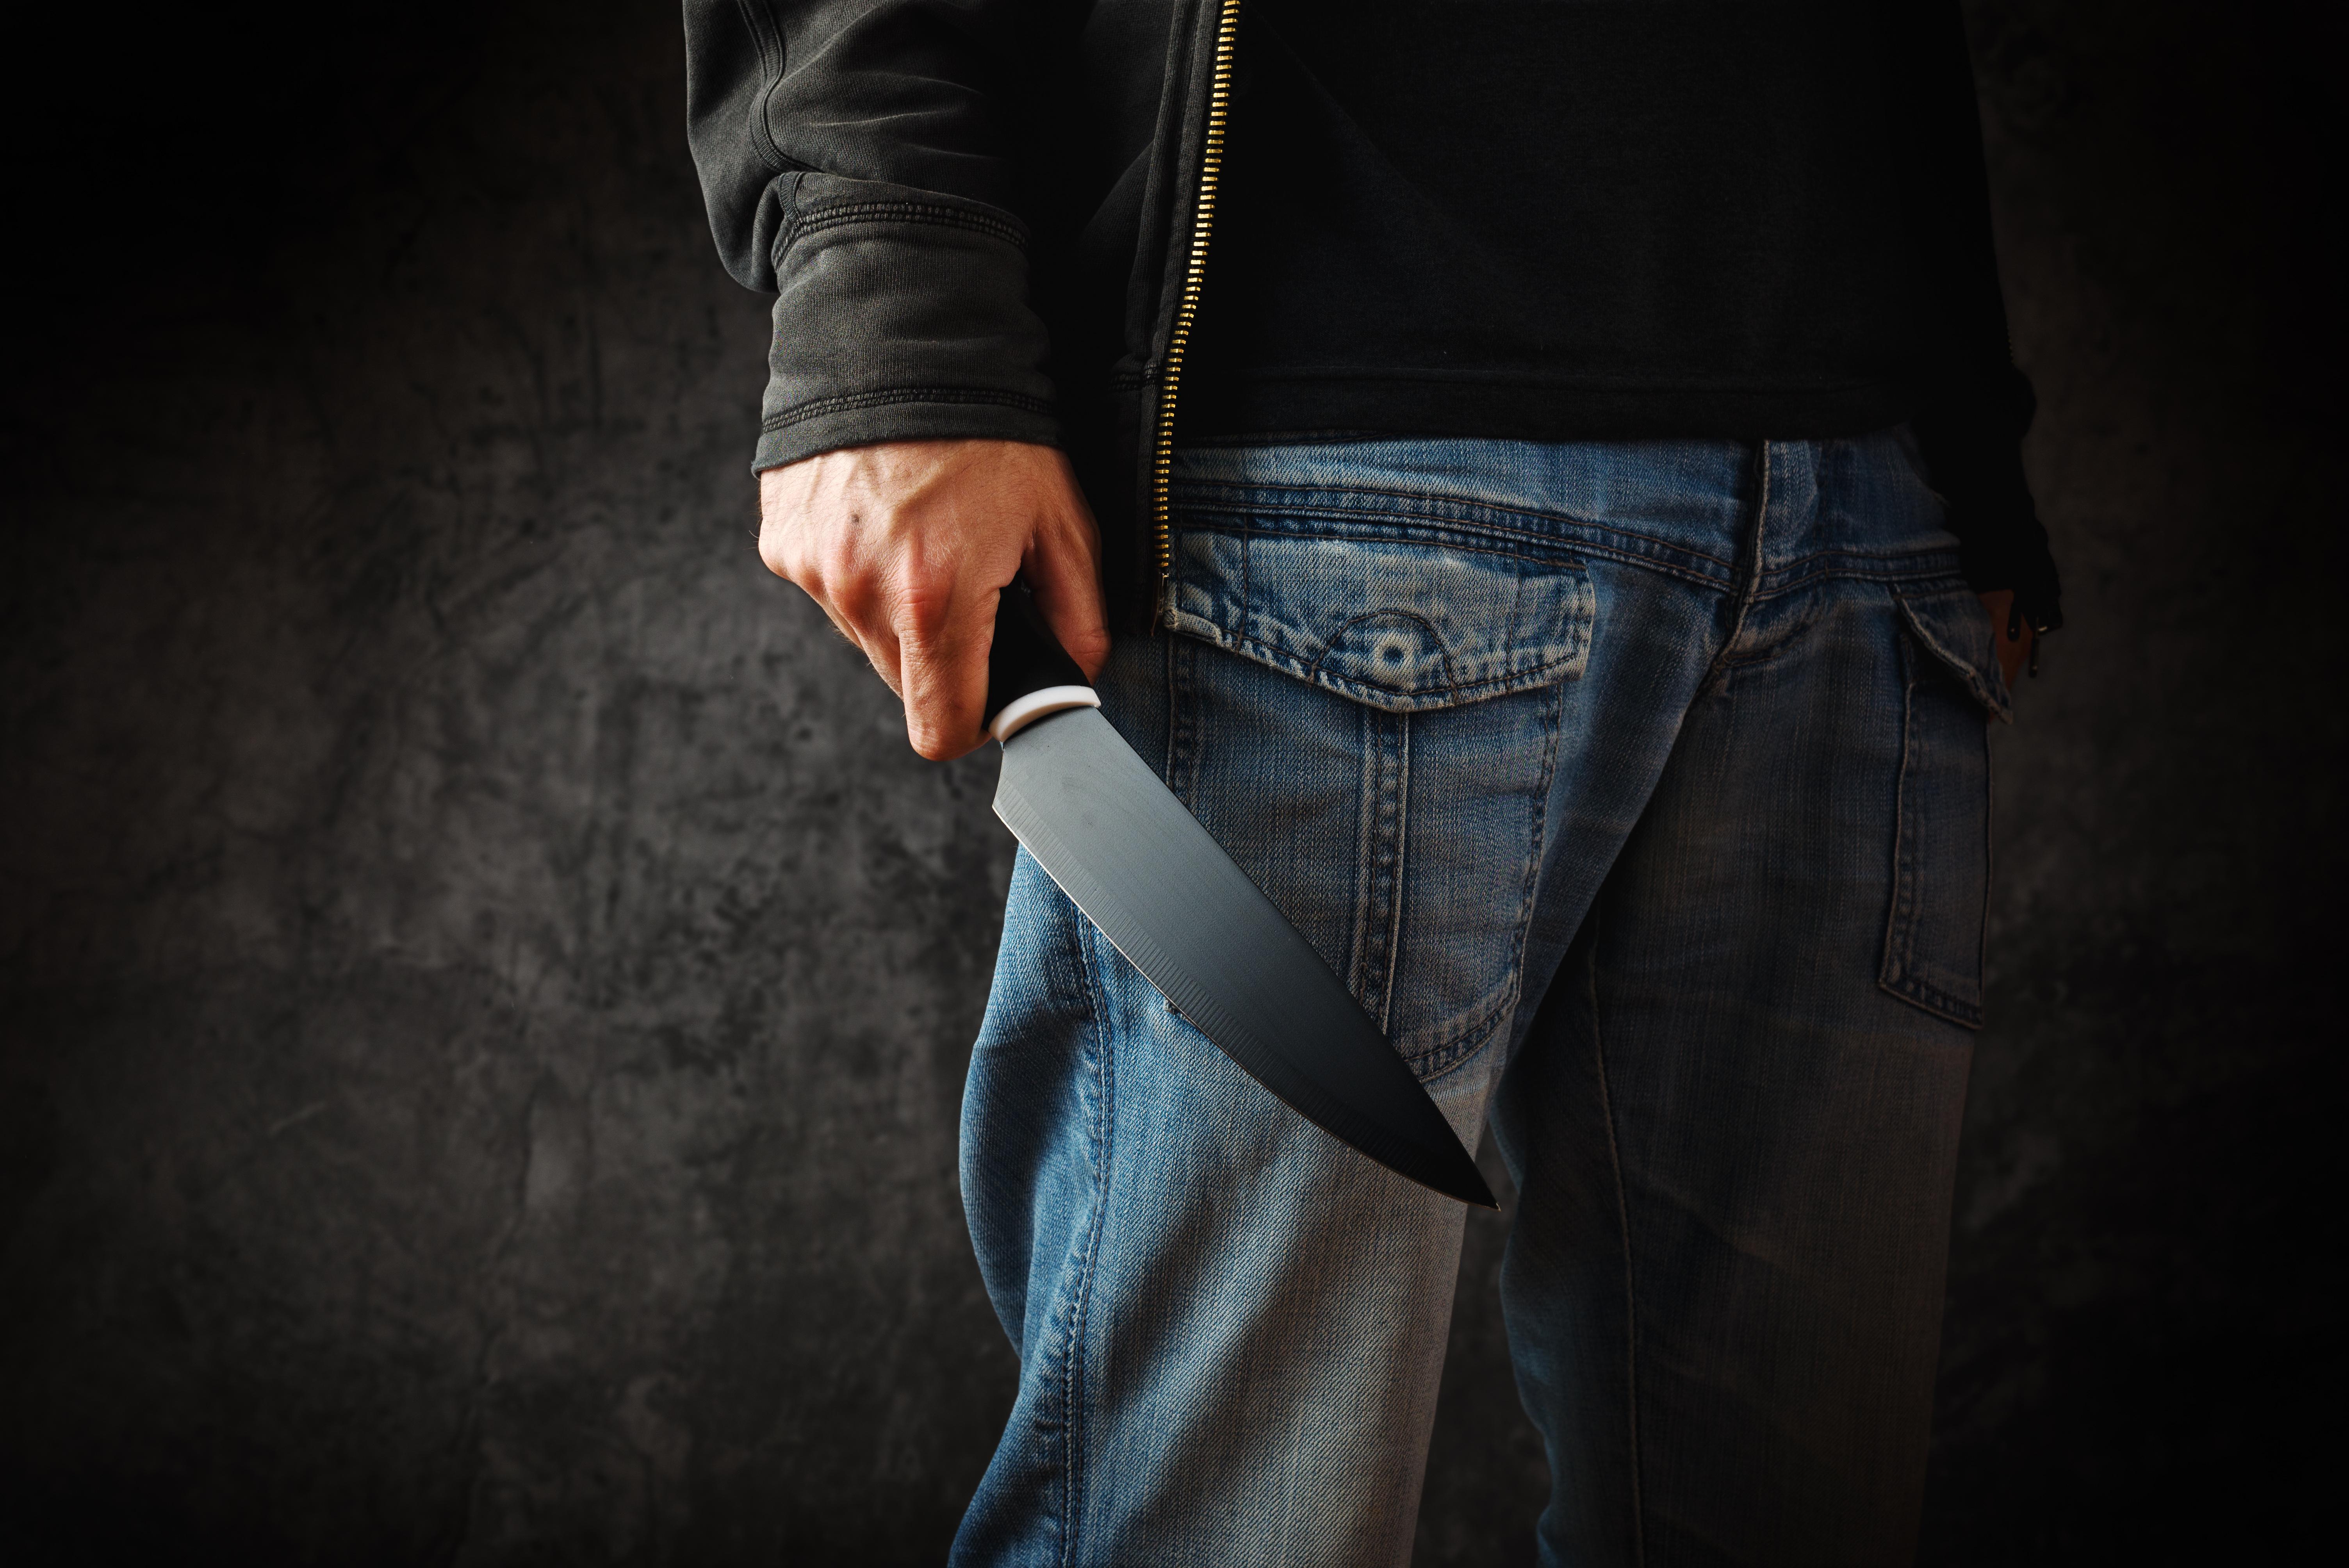 В Дрездене задержали исламиста, напавшего с ножом на прохожих